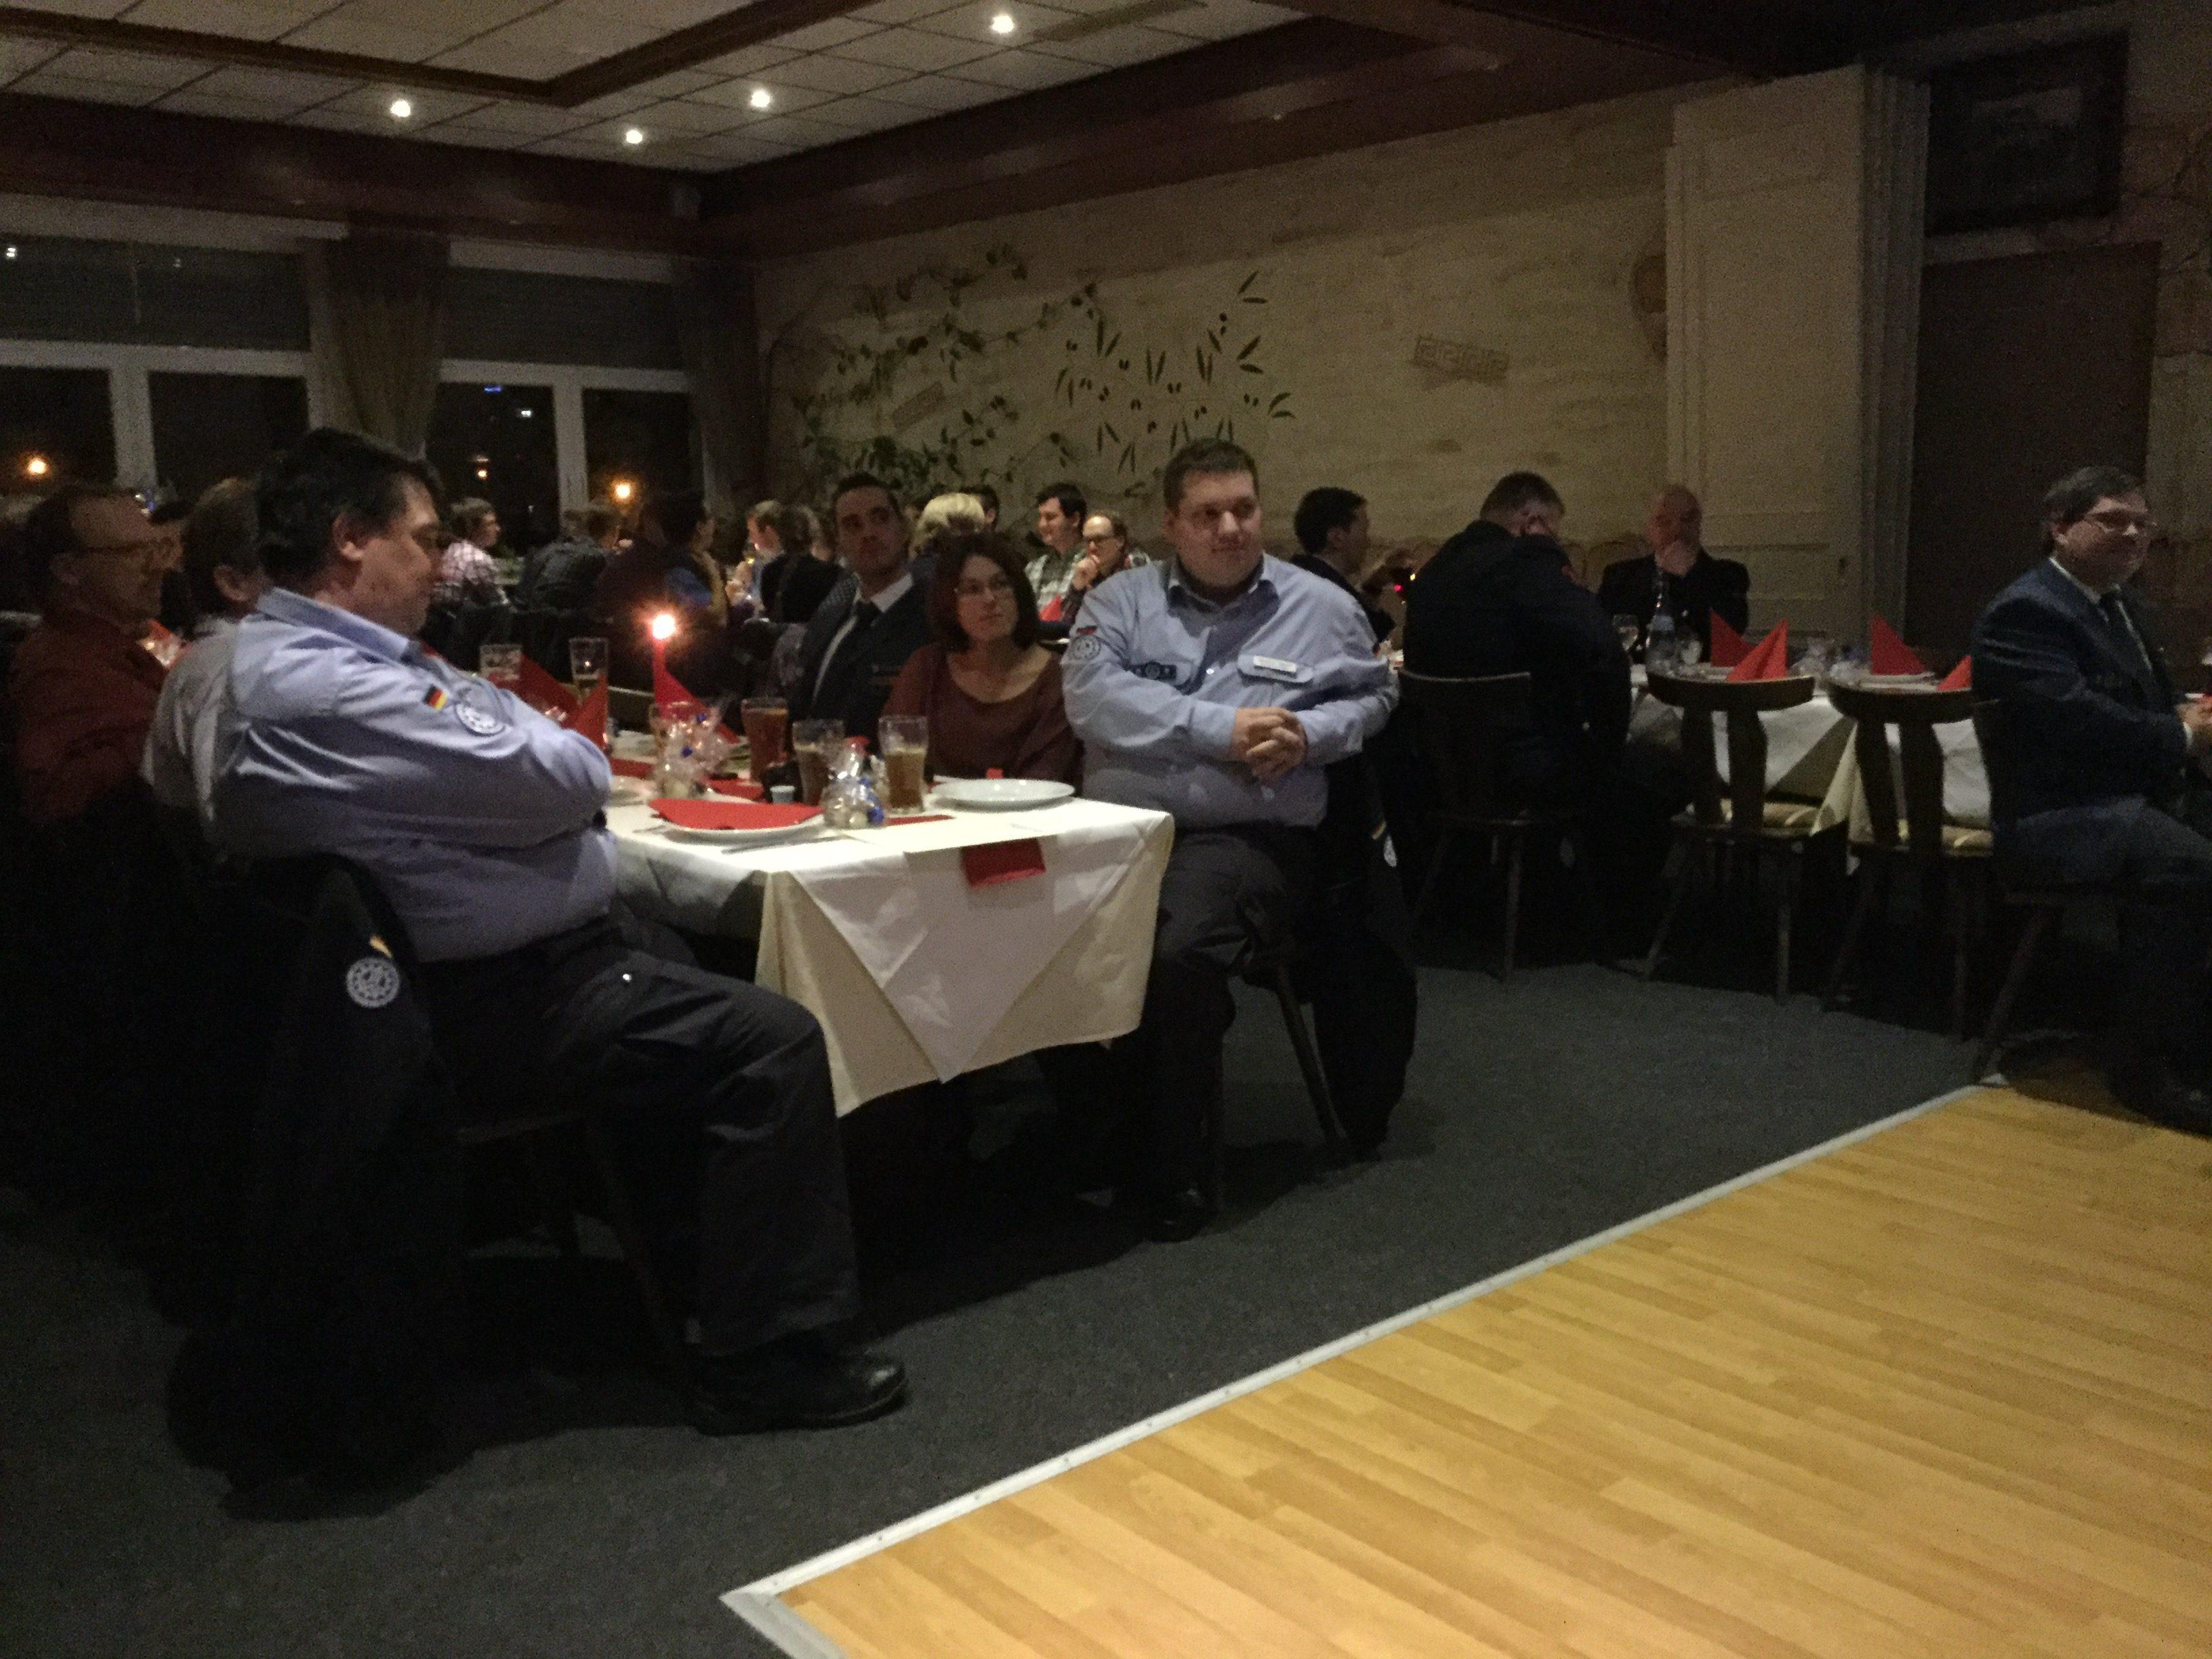 Blick in den Saal mit den THW-Angehörigen, ganz links Herr Balzer